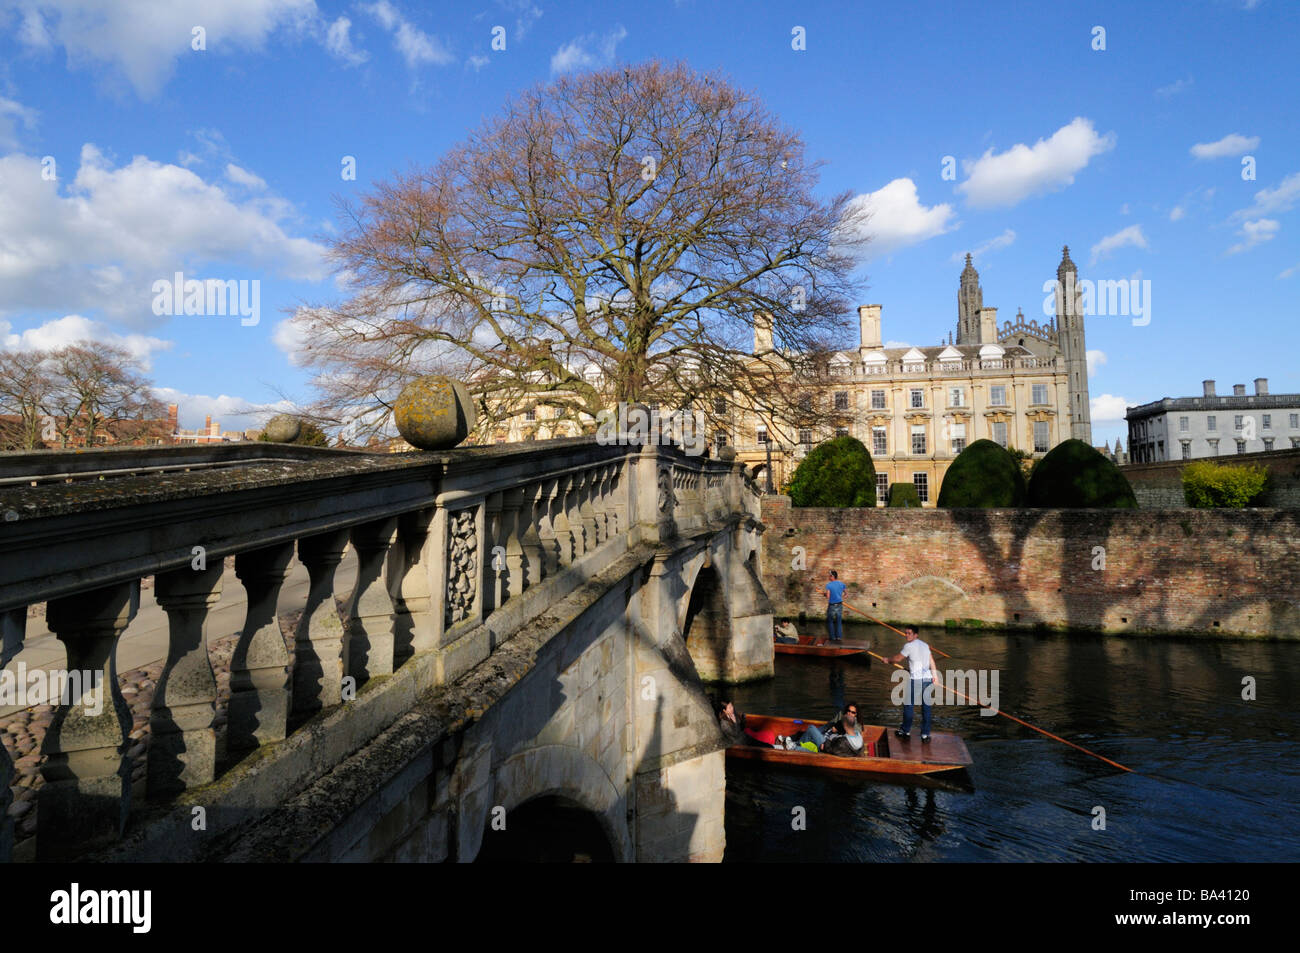 Punting at Clare Bridge, Cambridge England UK - Stock Image